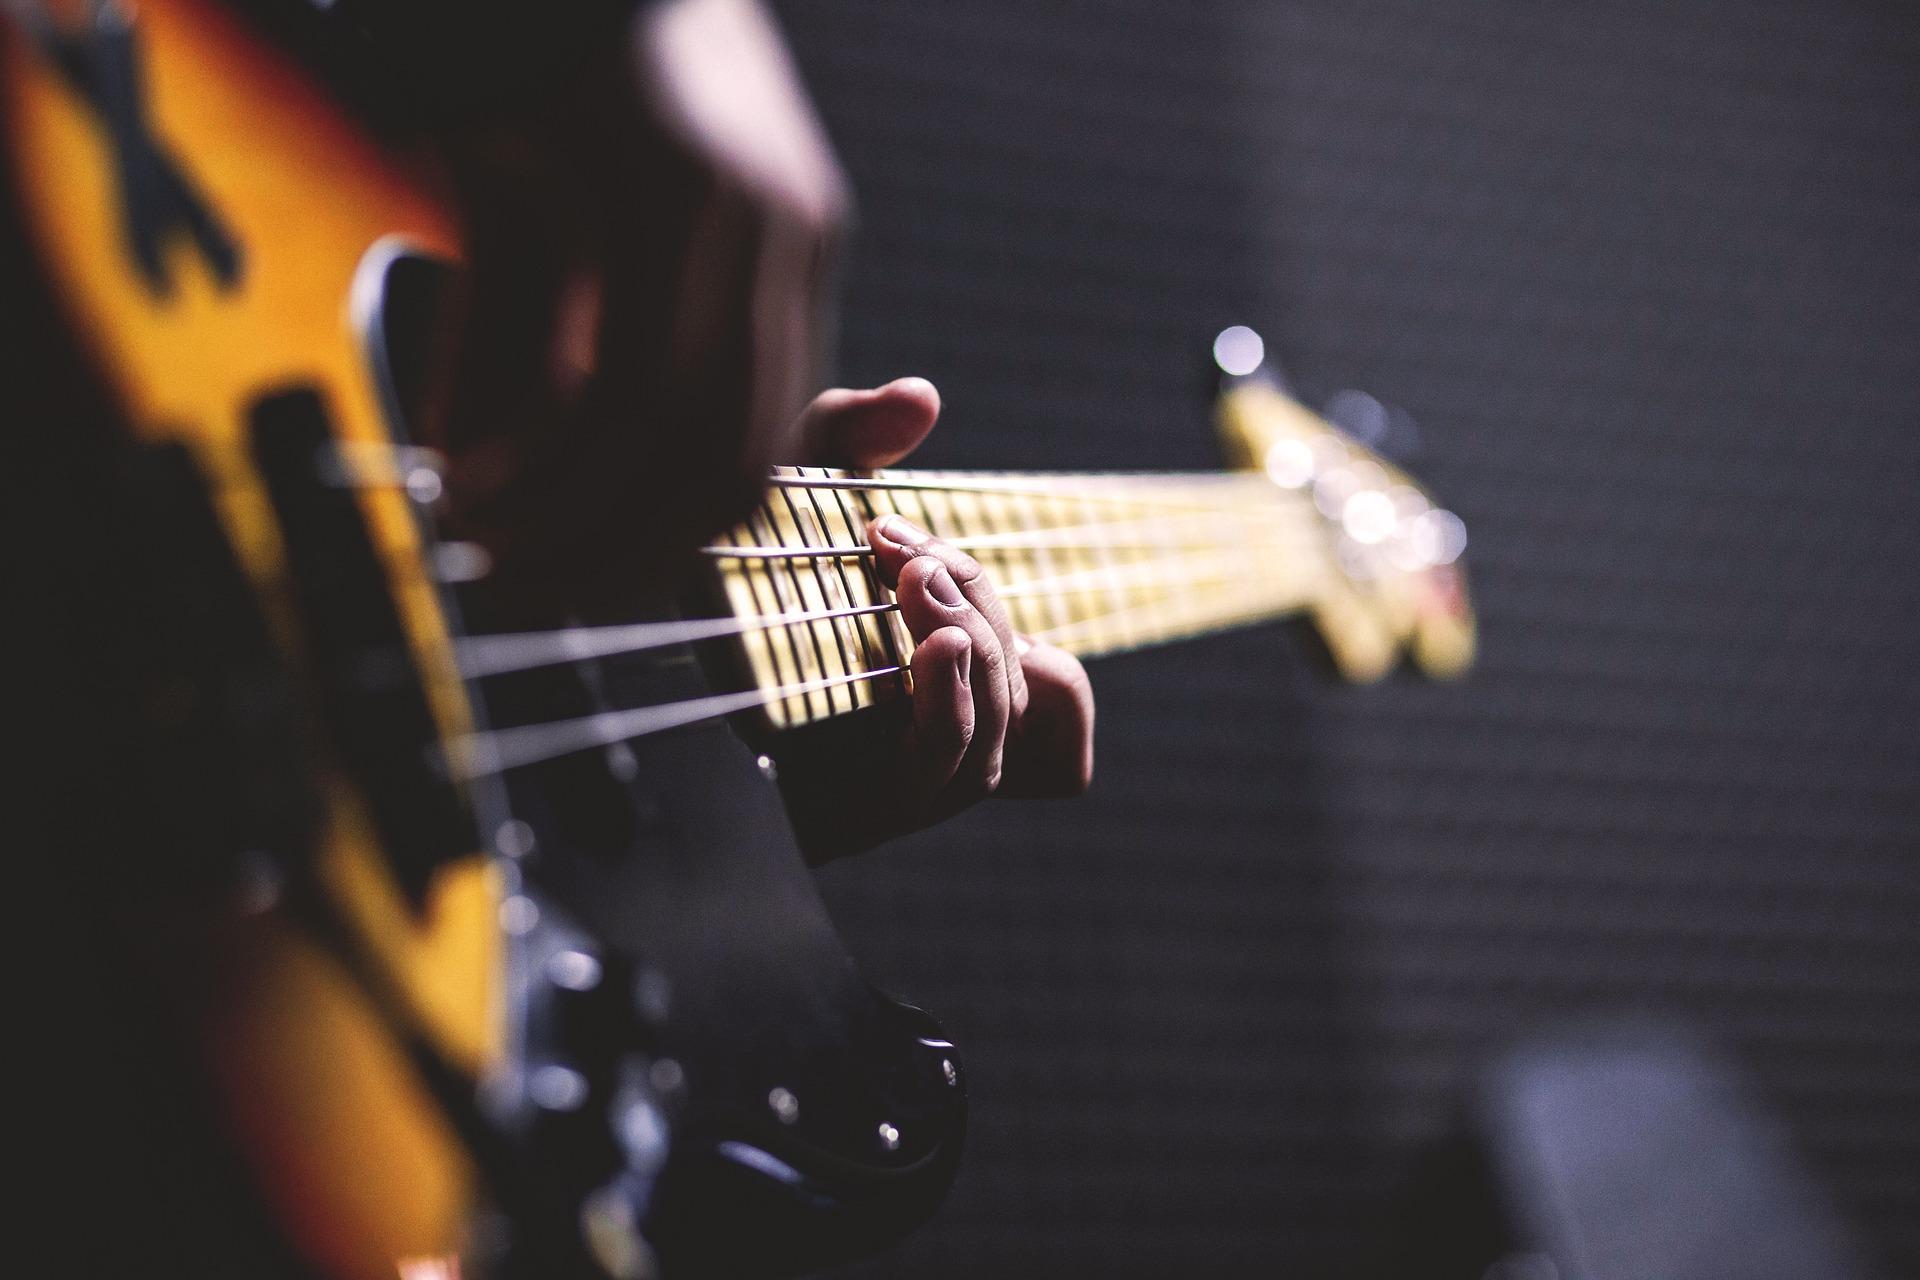 bass-guitar-1841186_1920